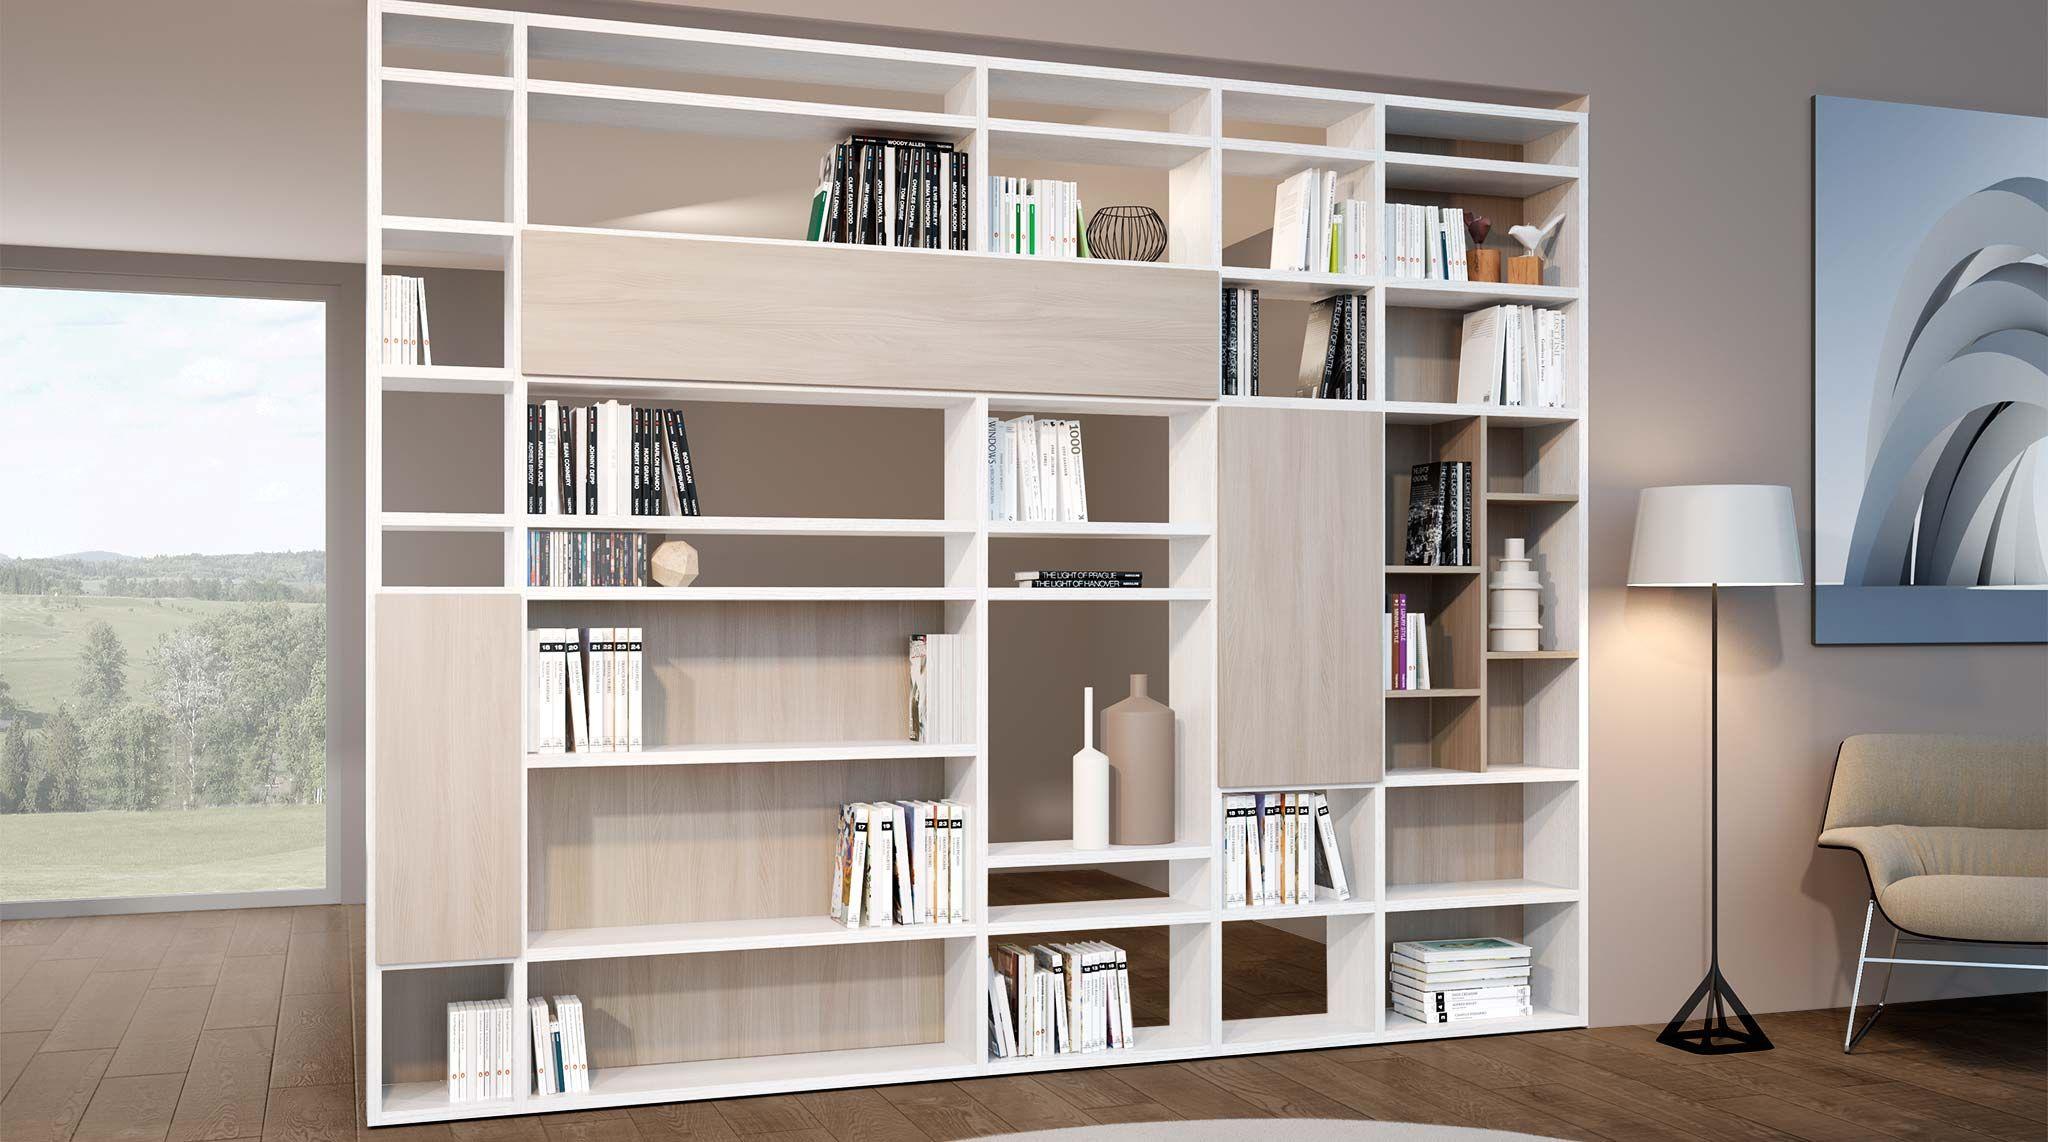 Libreria bifacciale componibile Systema-B | Interior design ...